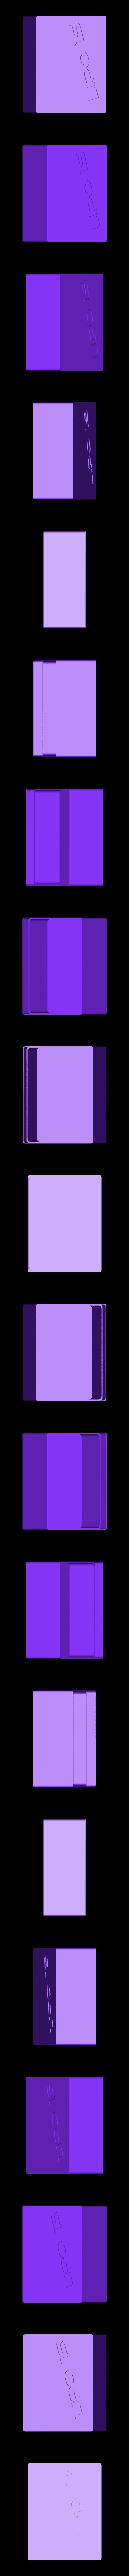 top.stl Download free STL file LiPo 1s storage box • 3D printable object, corristo25